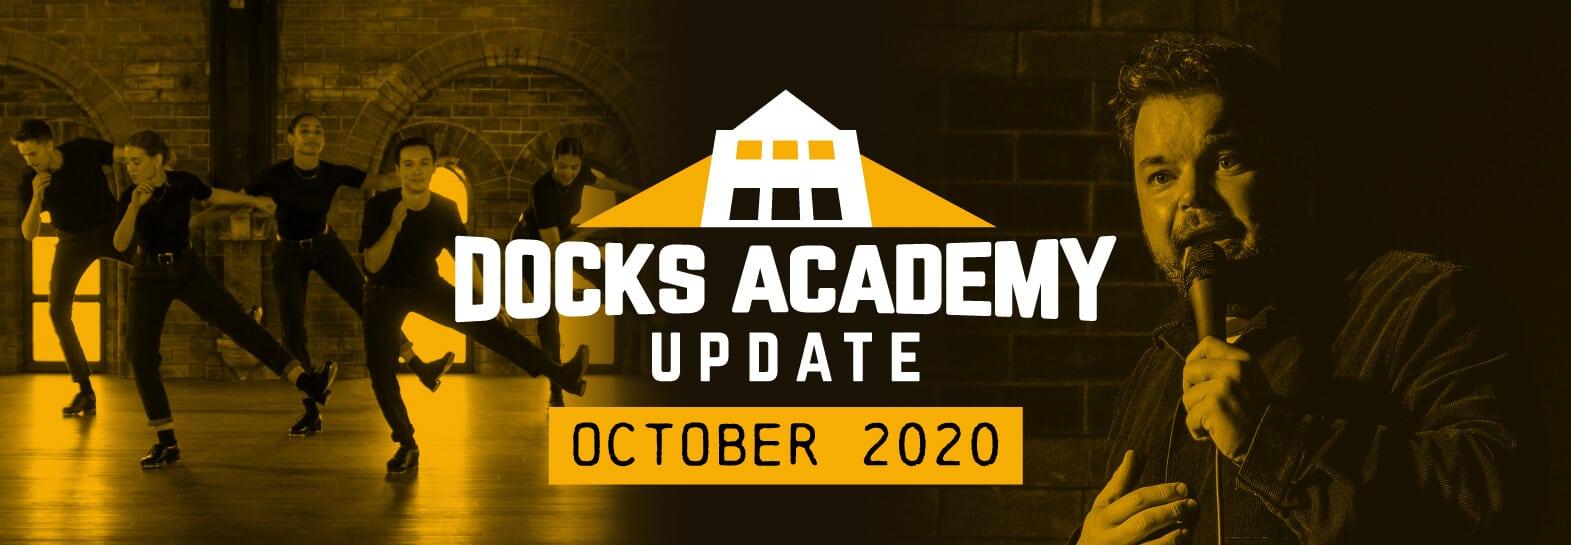 Docks Academy Update October 2020